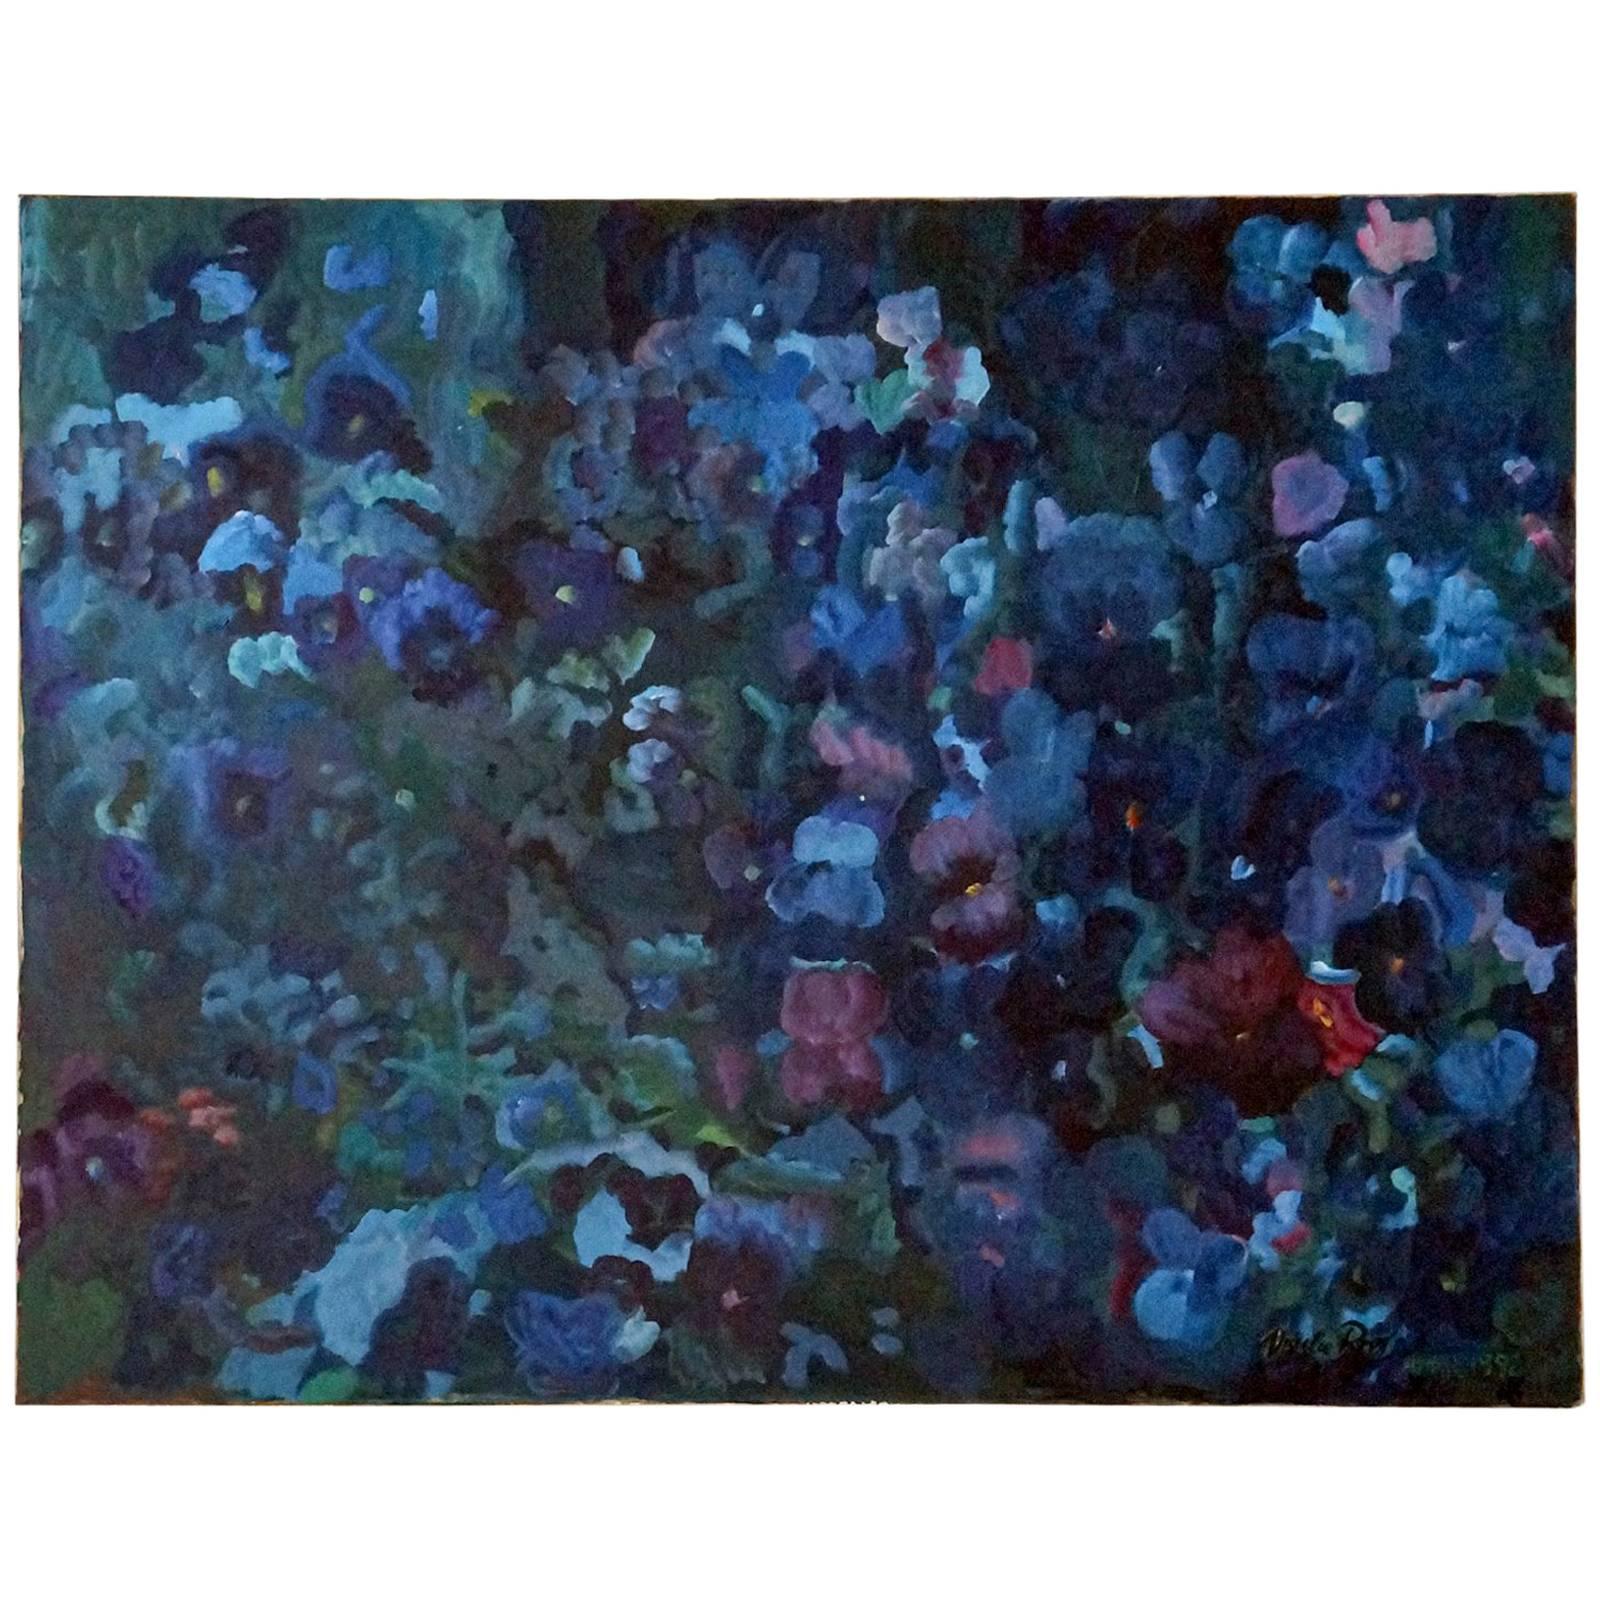 Study of Blue Pansies, Painting by U. Roos